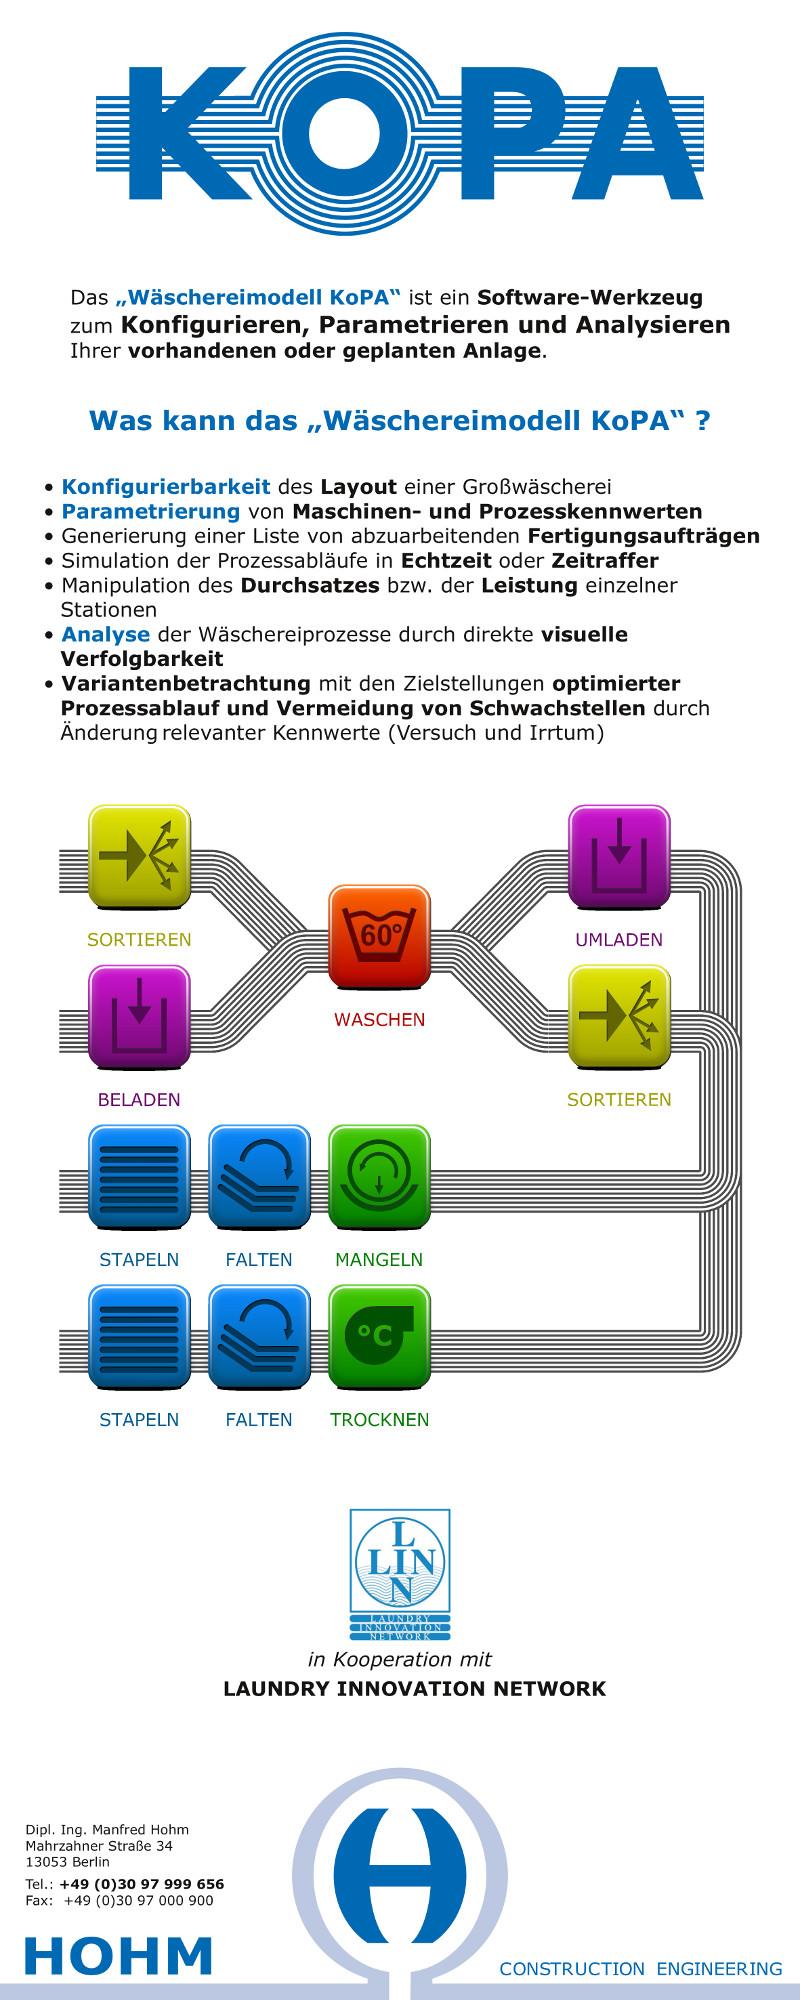 KoPA Rollup - Inkscape Icons und Prozesslinien des Wäschereimodell